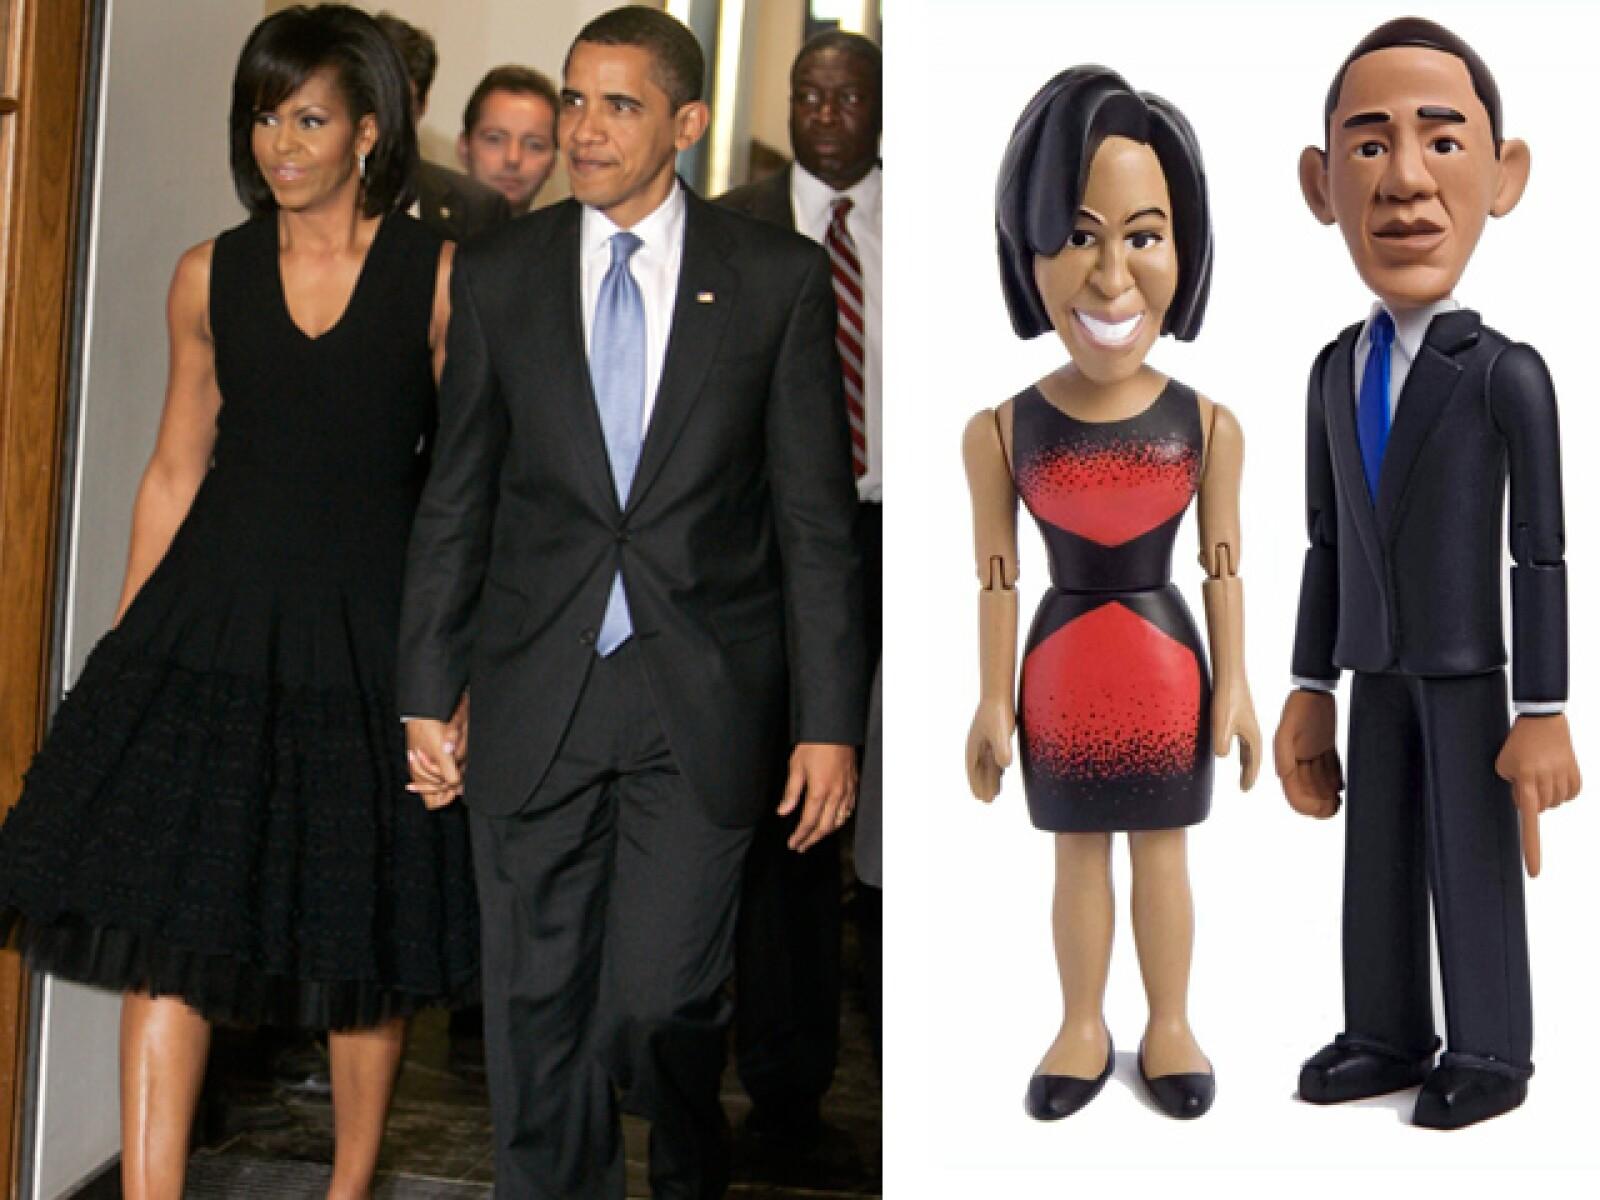 El Presidente Obama y su esposa son muy populares. Sus figuras son una muestra de ello. Son de los pocos políticos a los que la gente quiere llevar a casa.